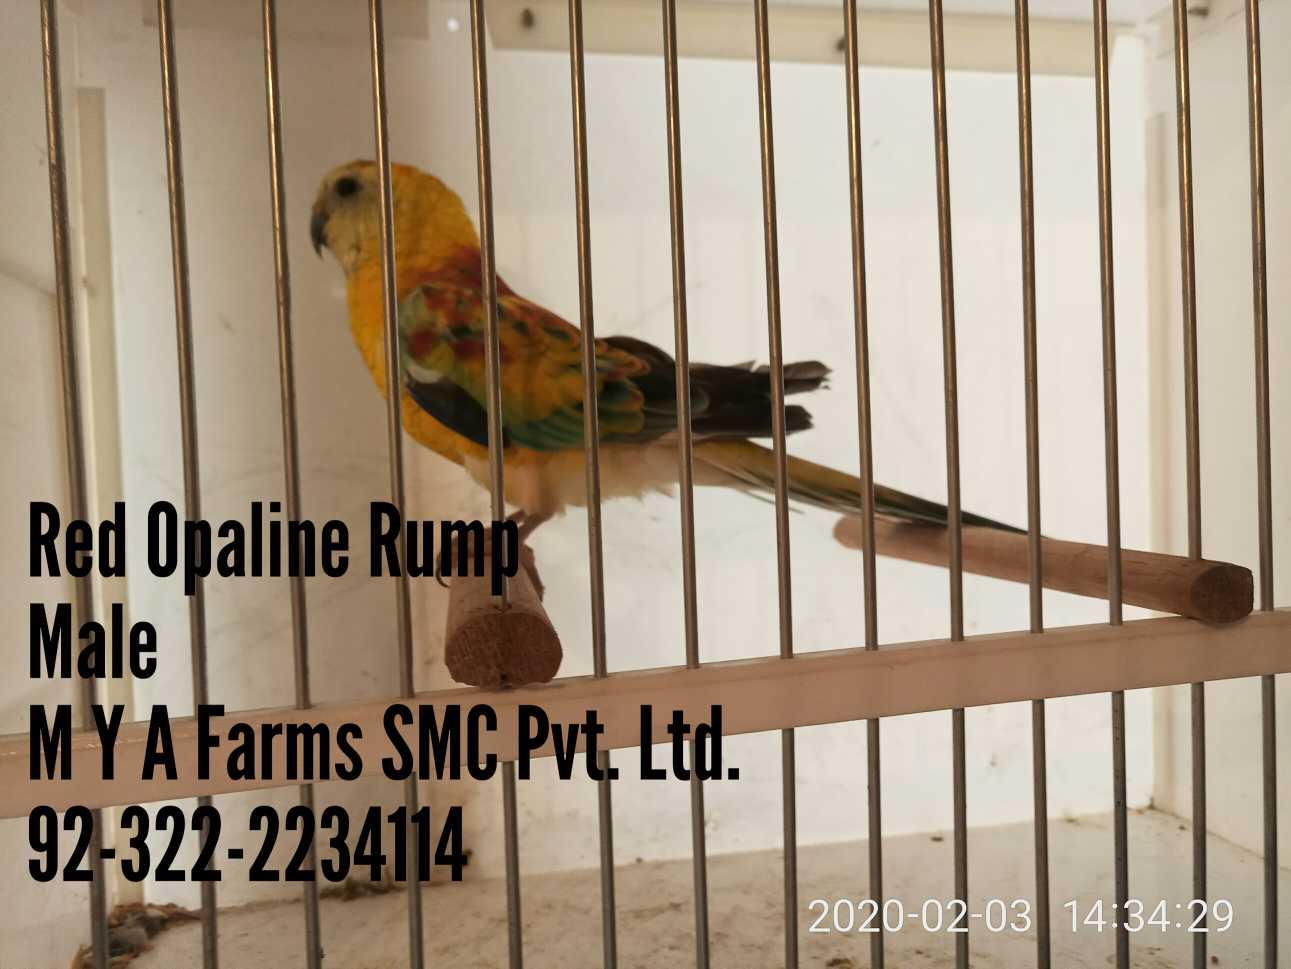 Red Opaline Rump Parrot!